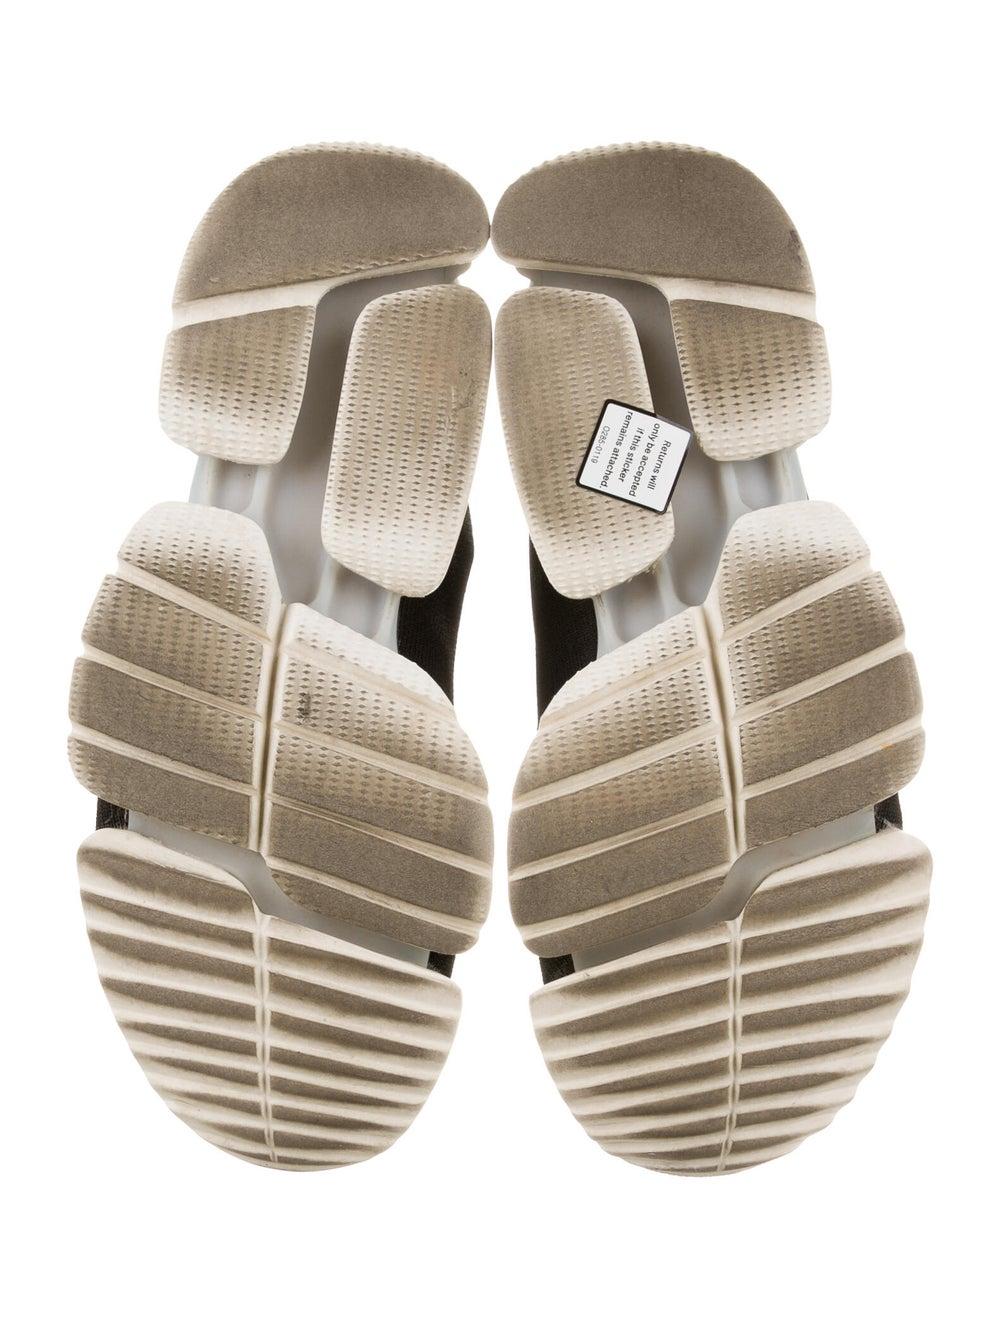 Vetements x Reebok Running Sneakers black - image 5